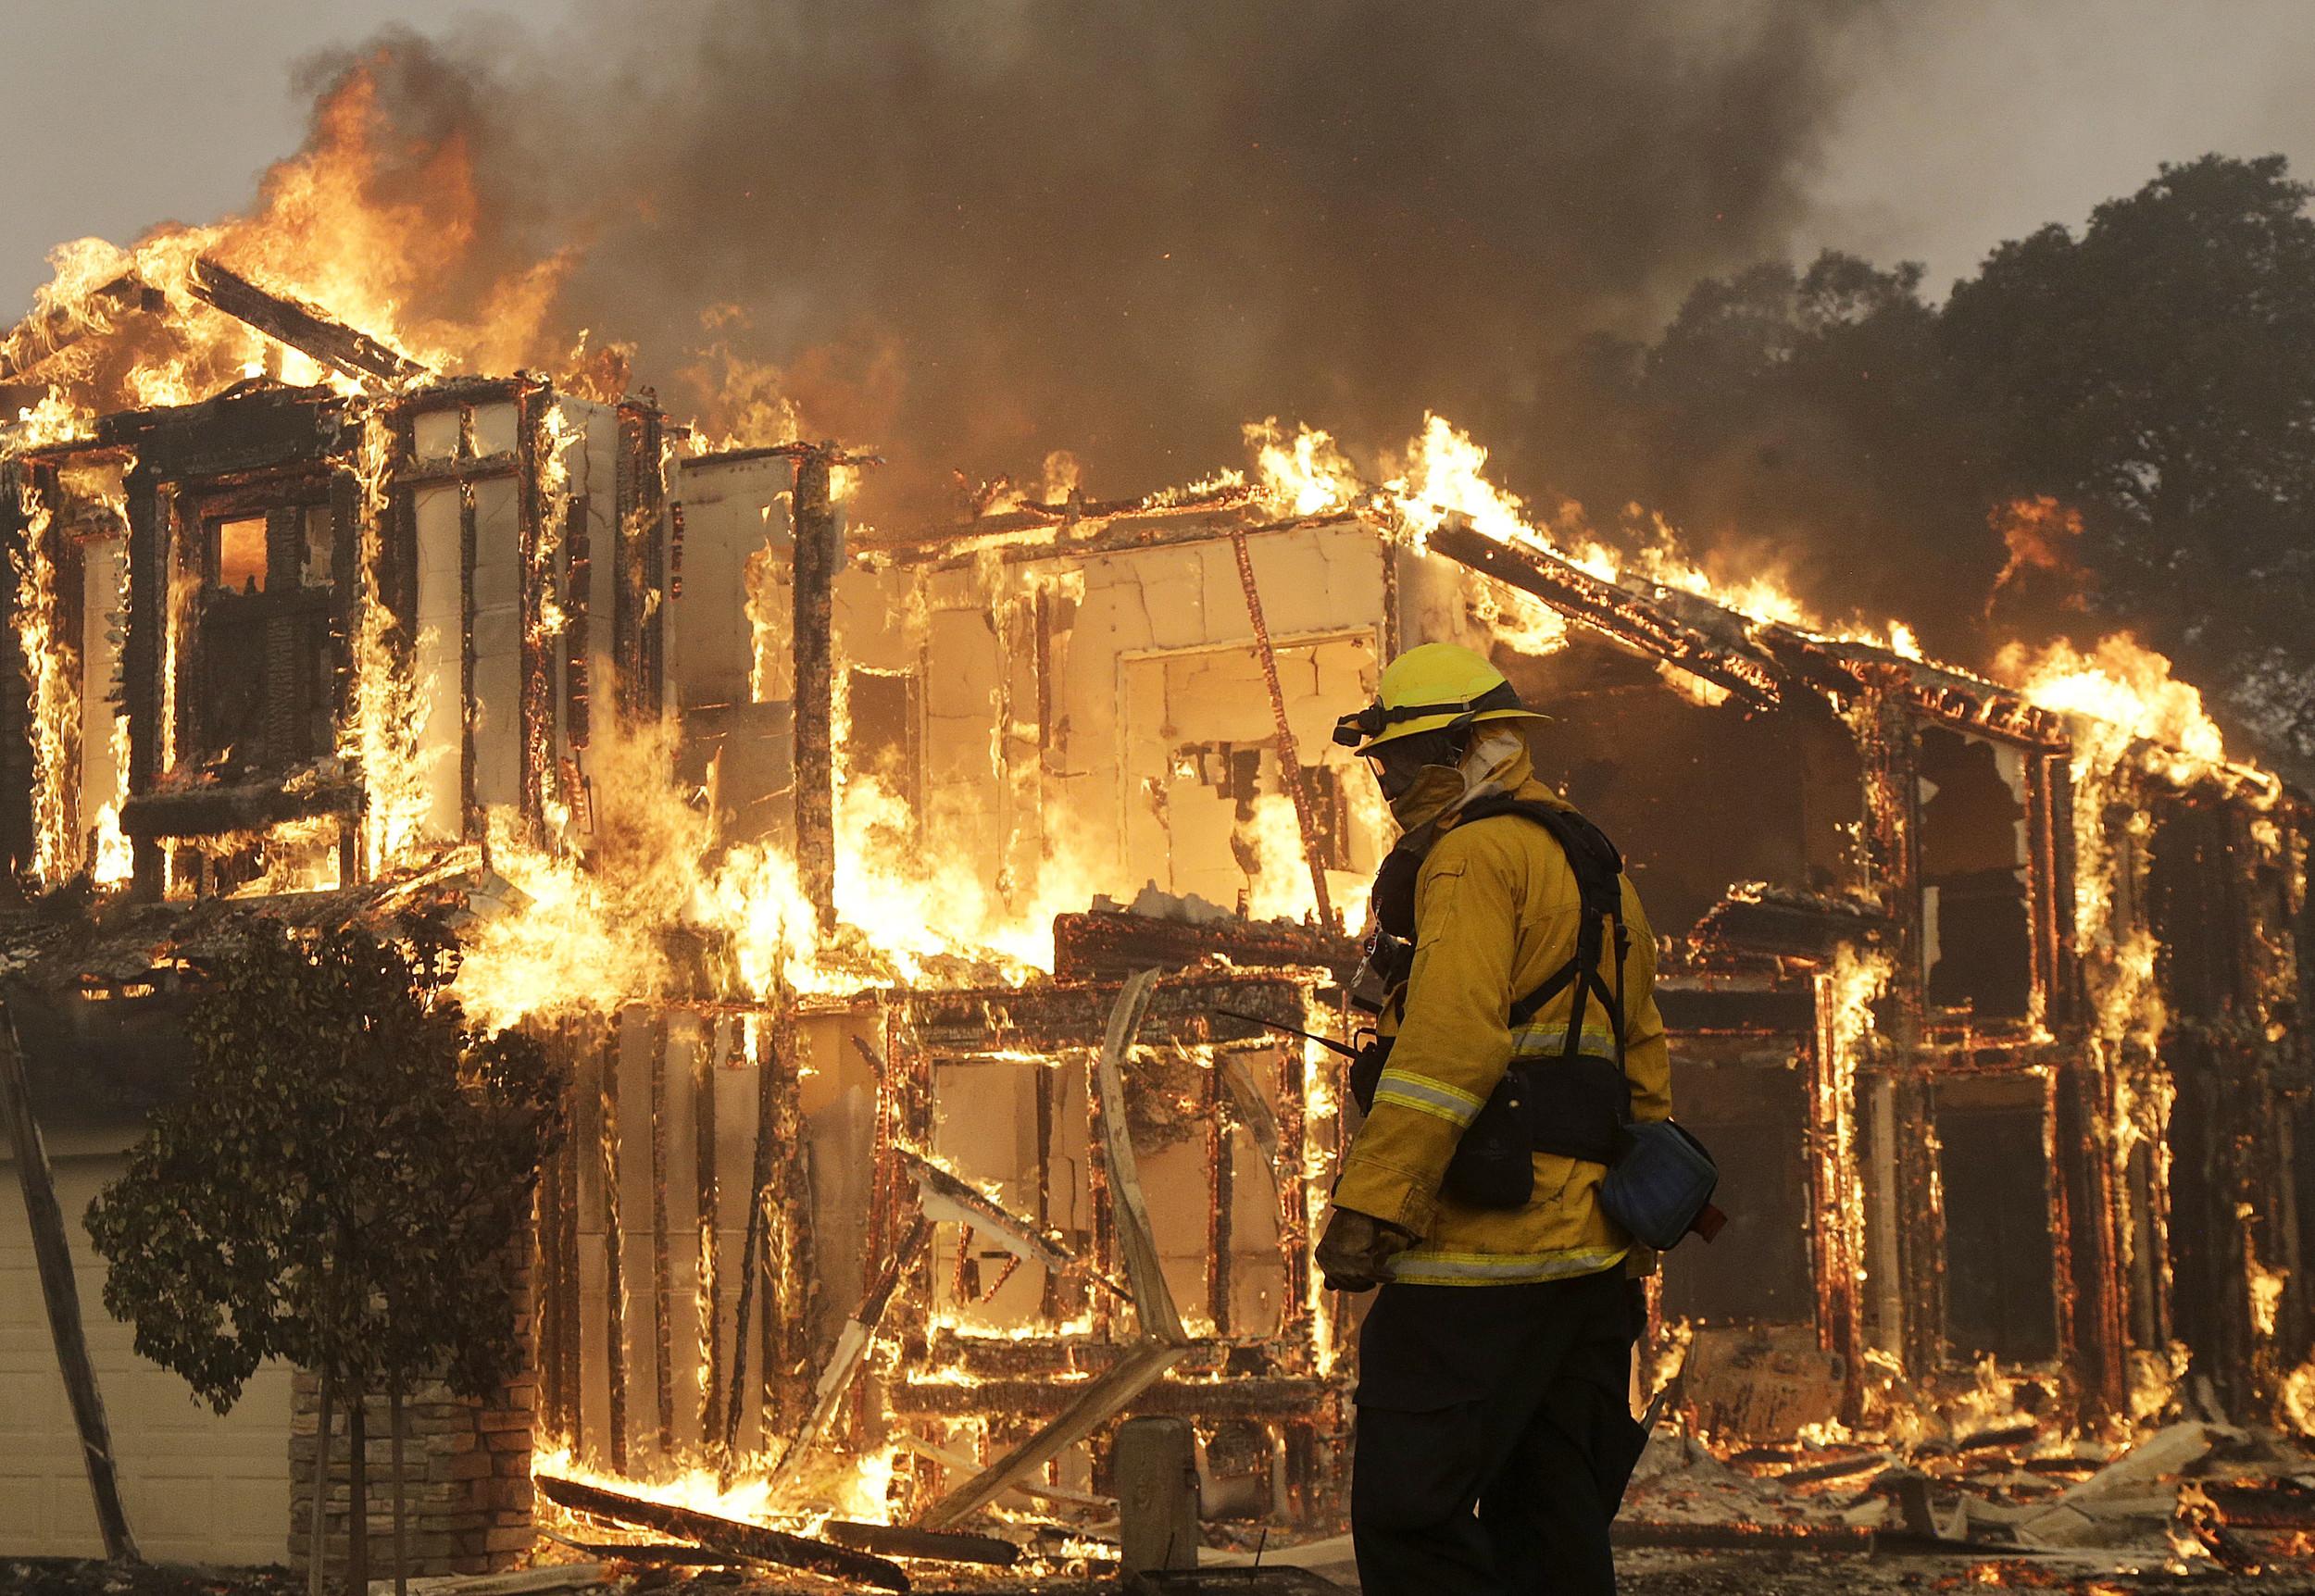 Regulators Boost PG&E's Wildfire Fine to $2.1 Billion